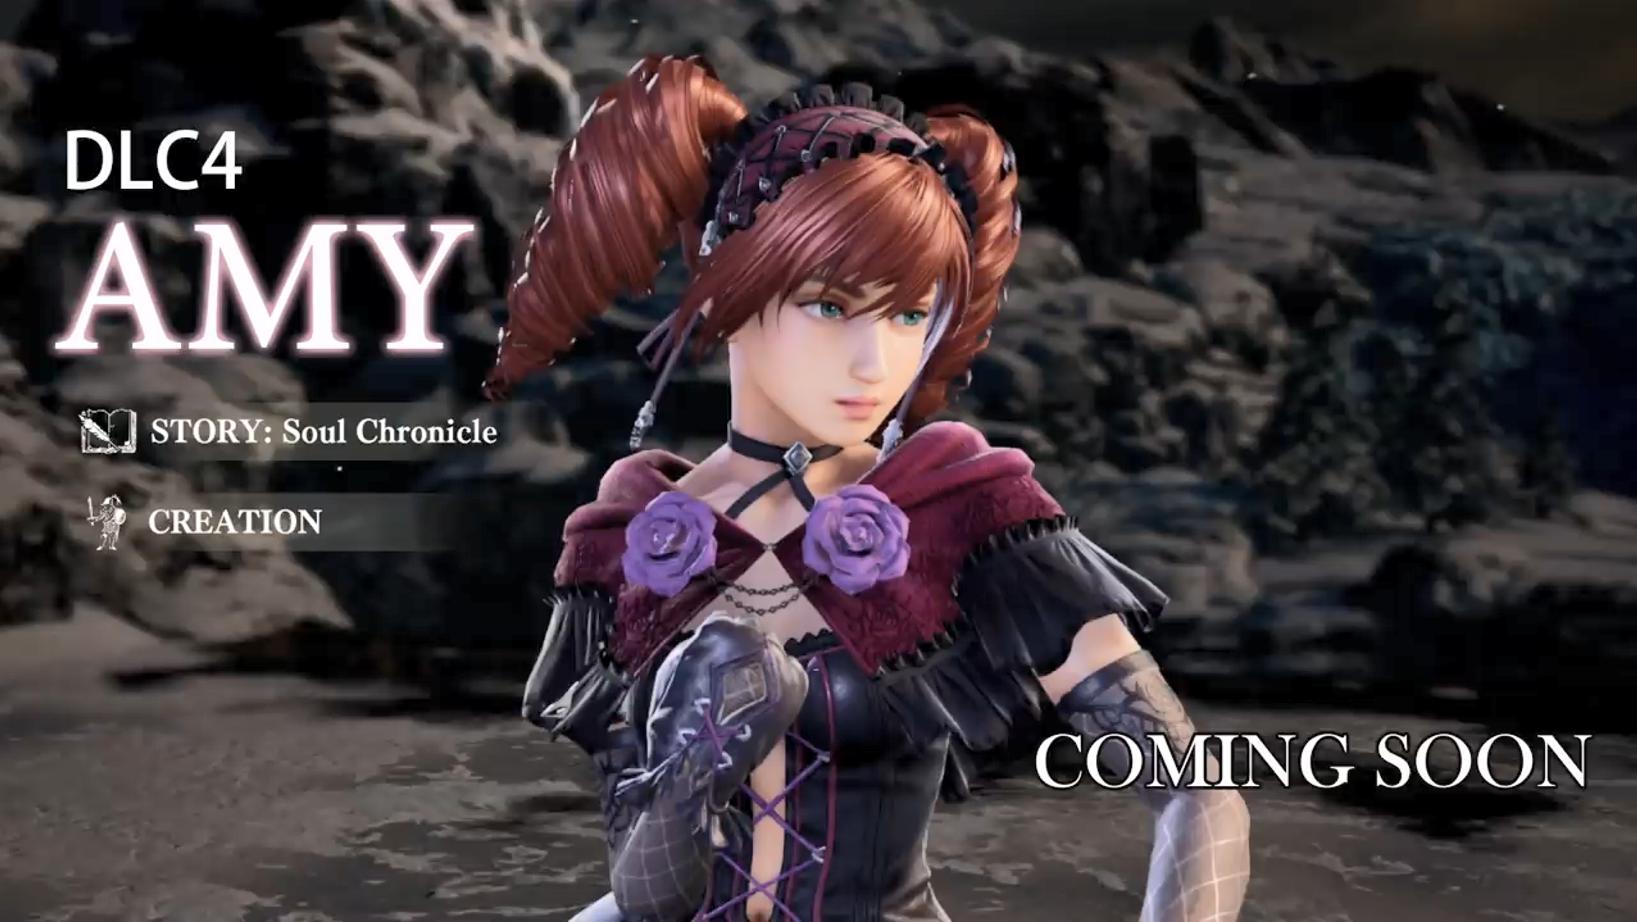 暗黑少女她来了 《灵魂能力6》新角色艾米将于3月25日登陆